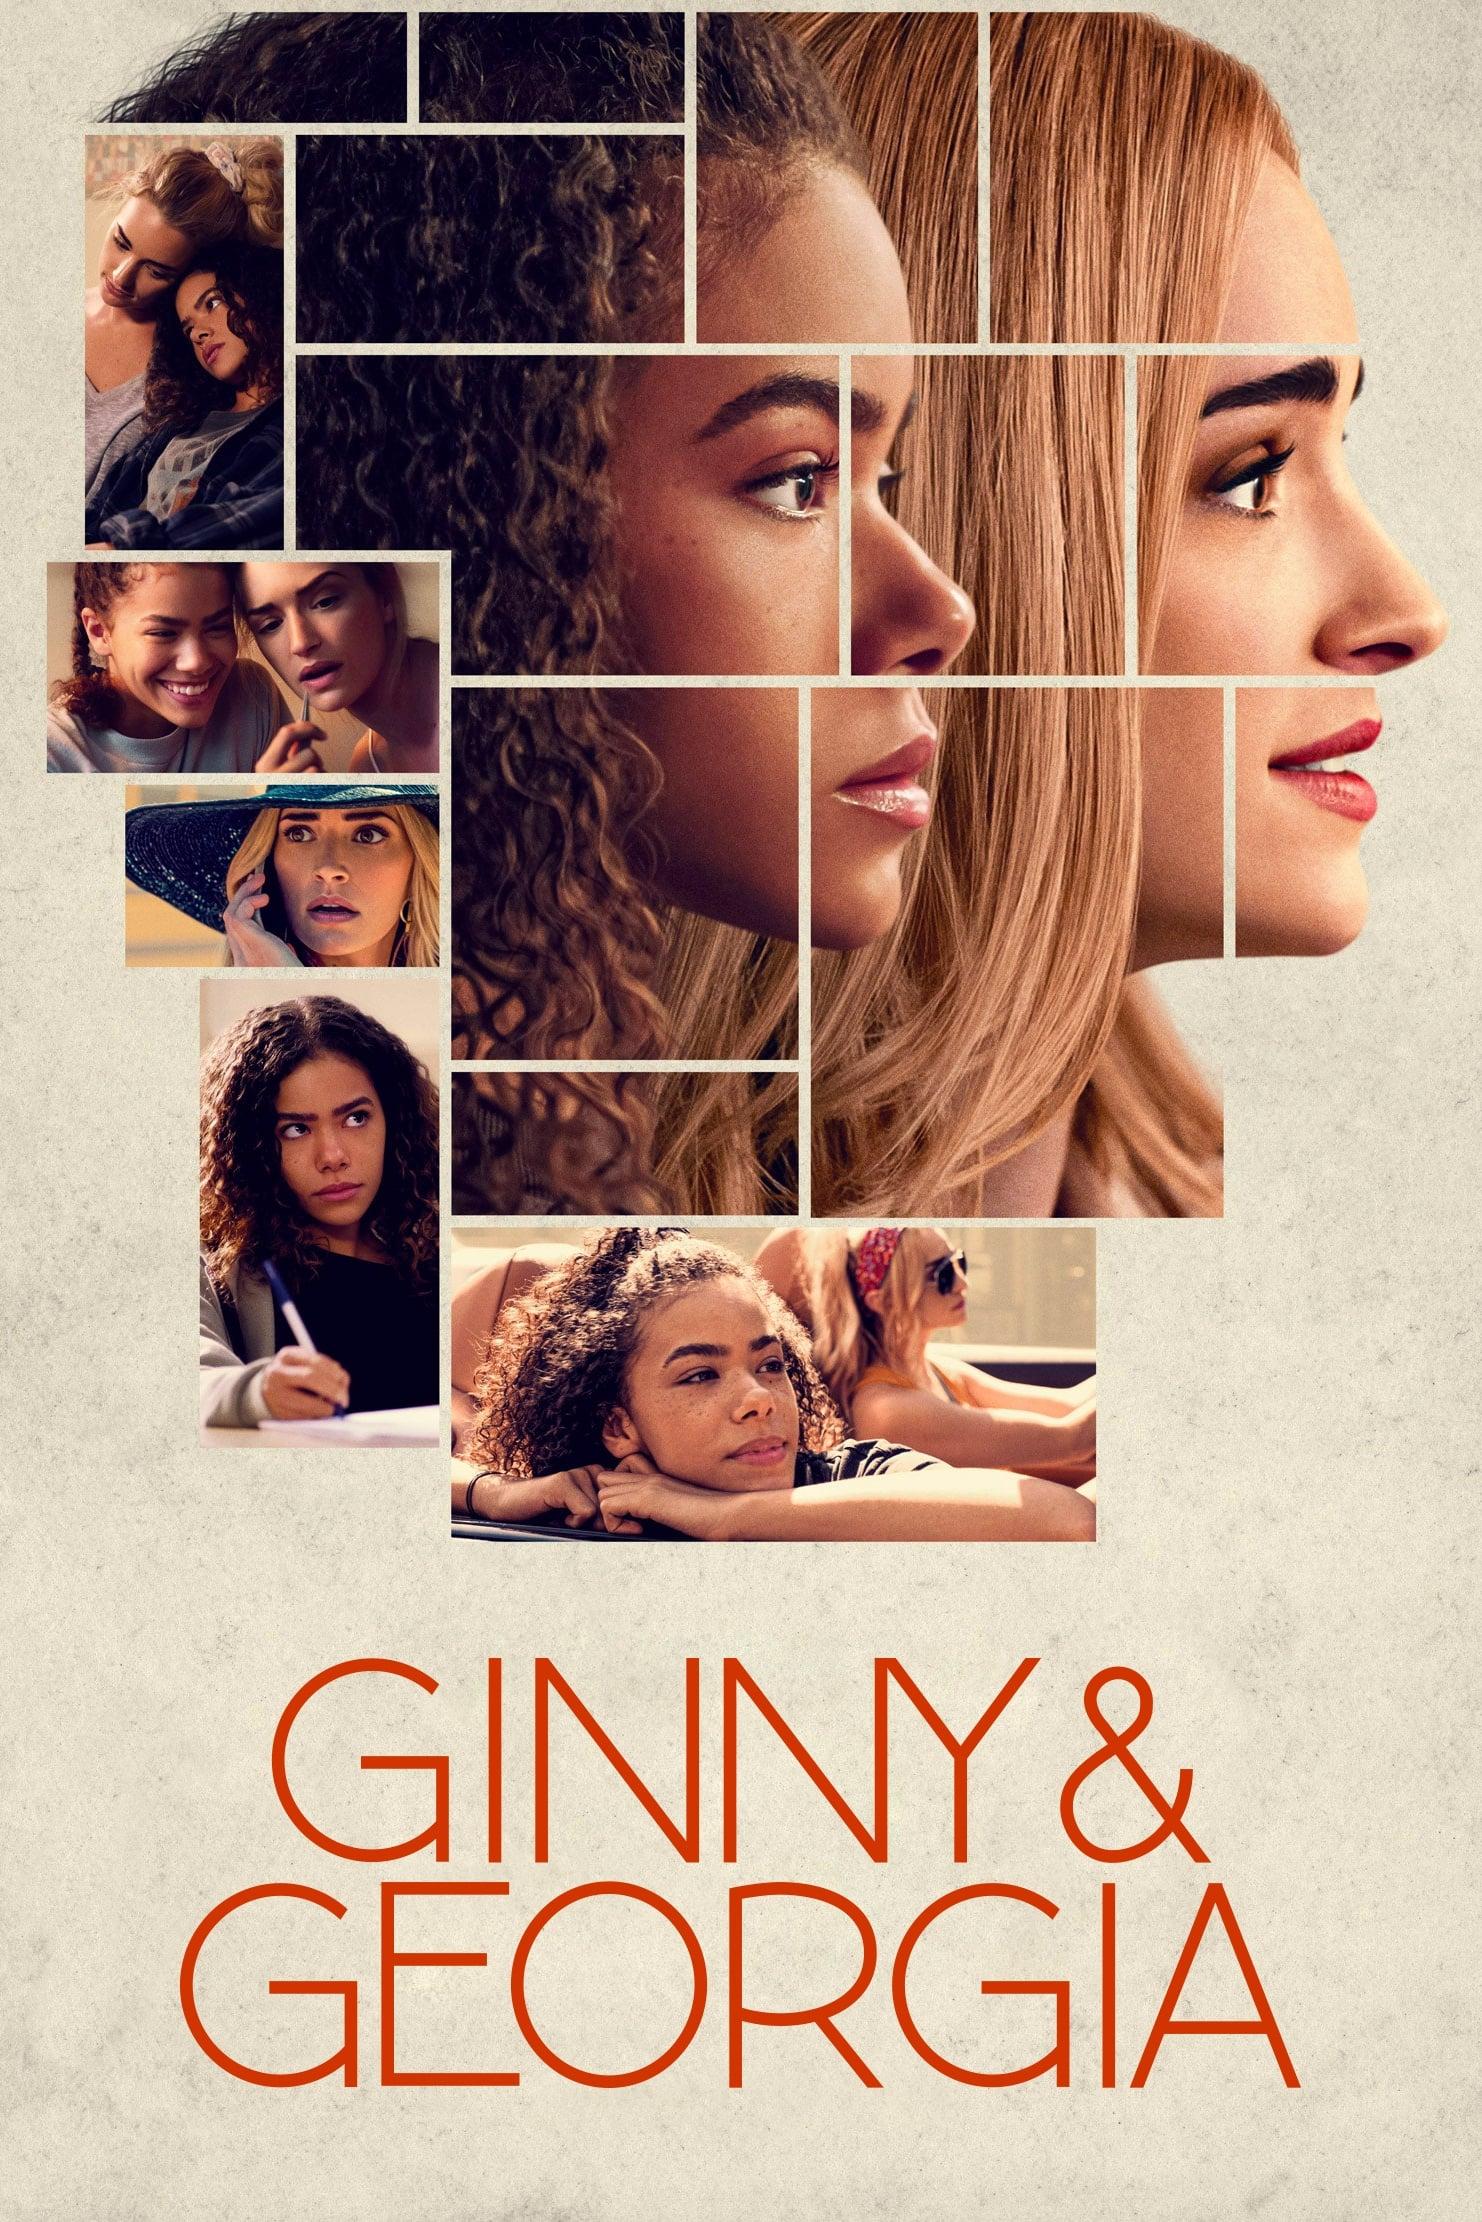 Ginny y Georgia poster